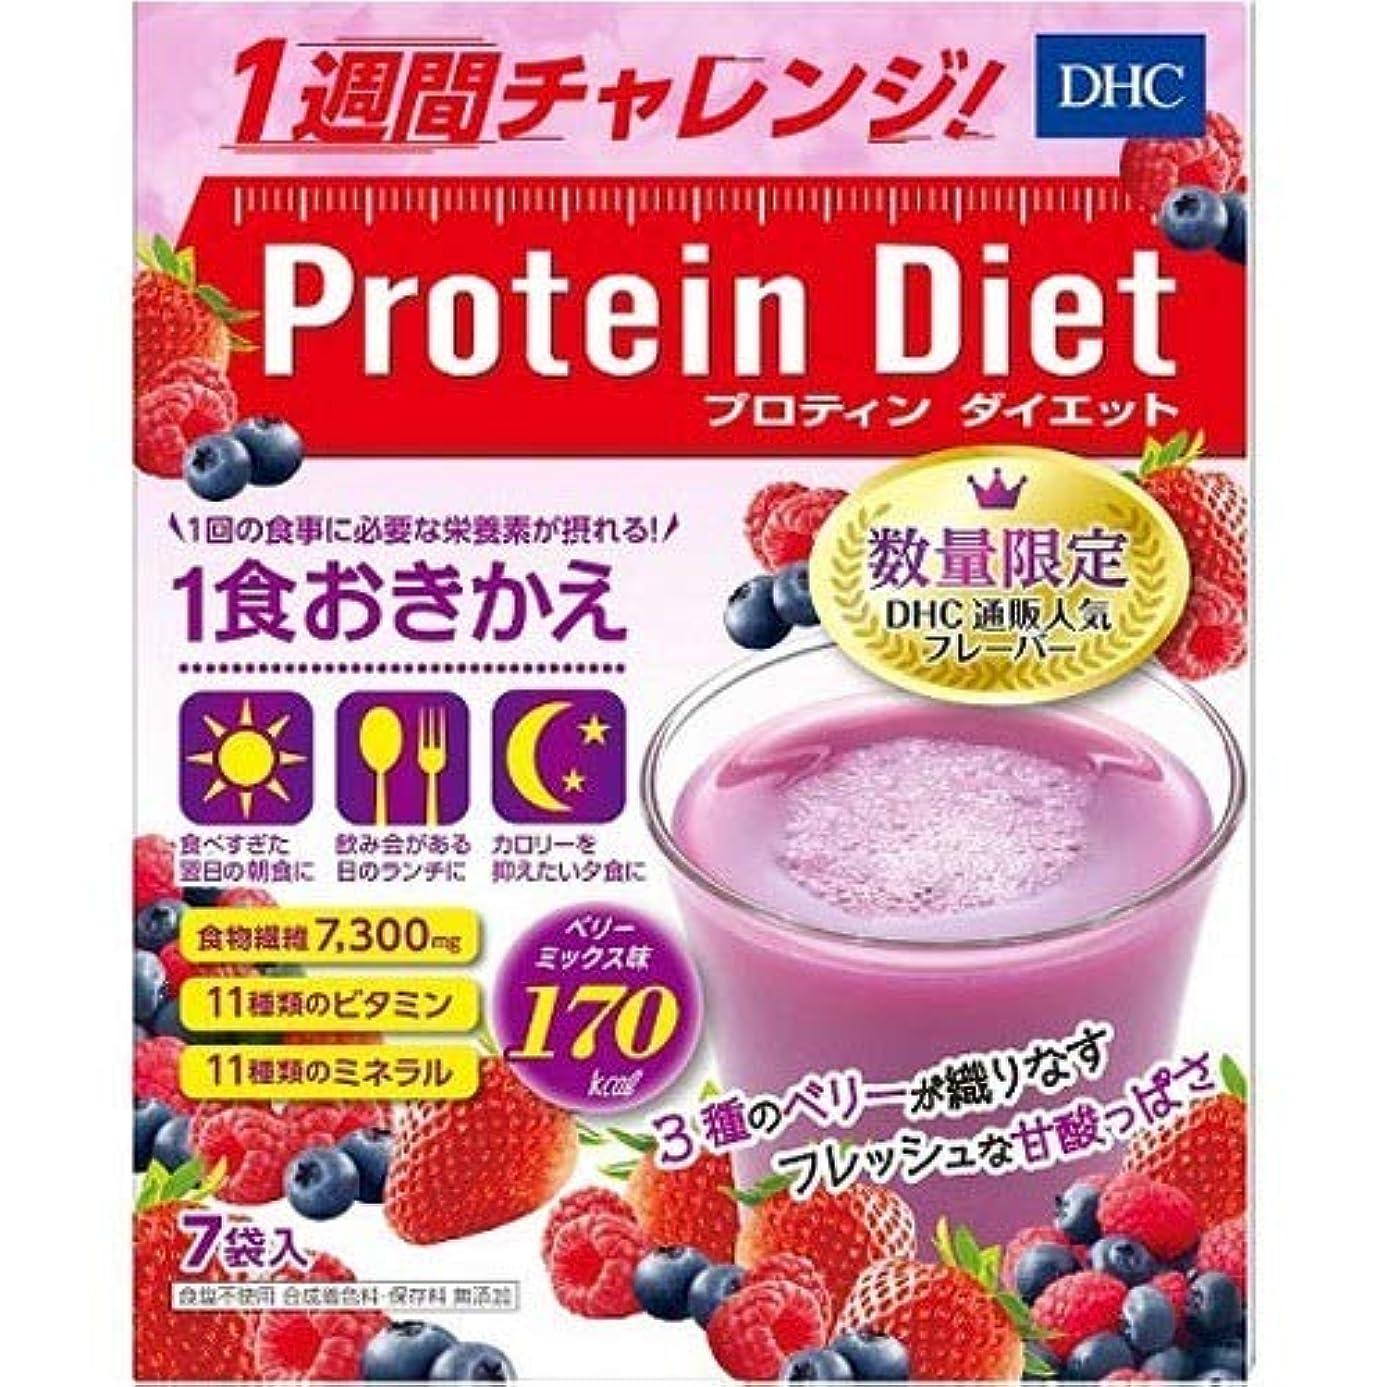 苦しめる弱点社会DHC プロティンダイエット ベリーミックス味 7袋